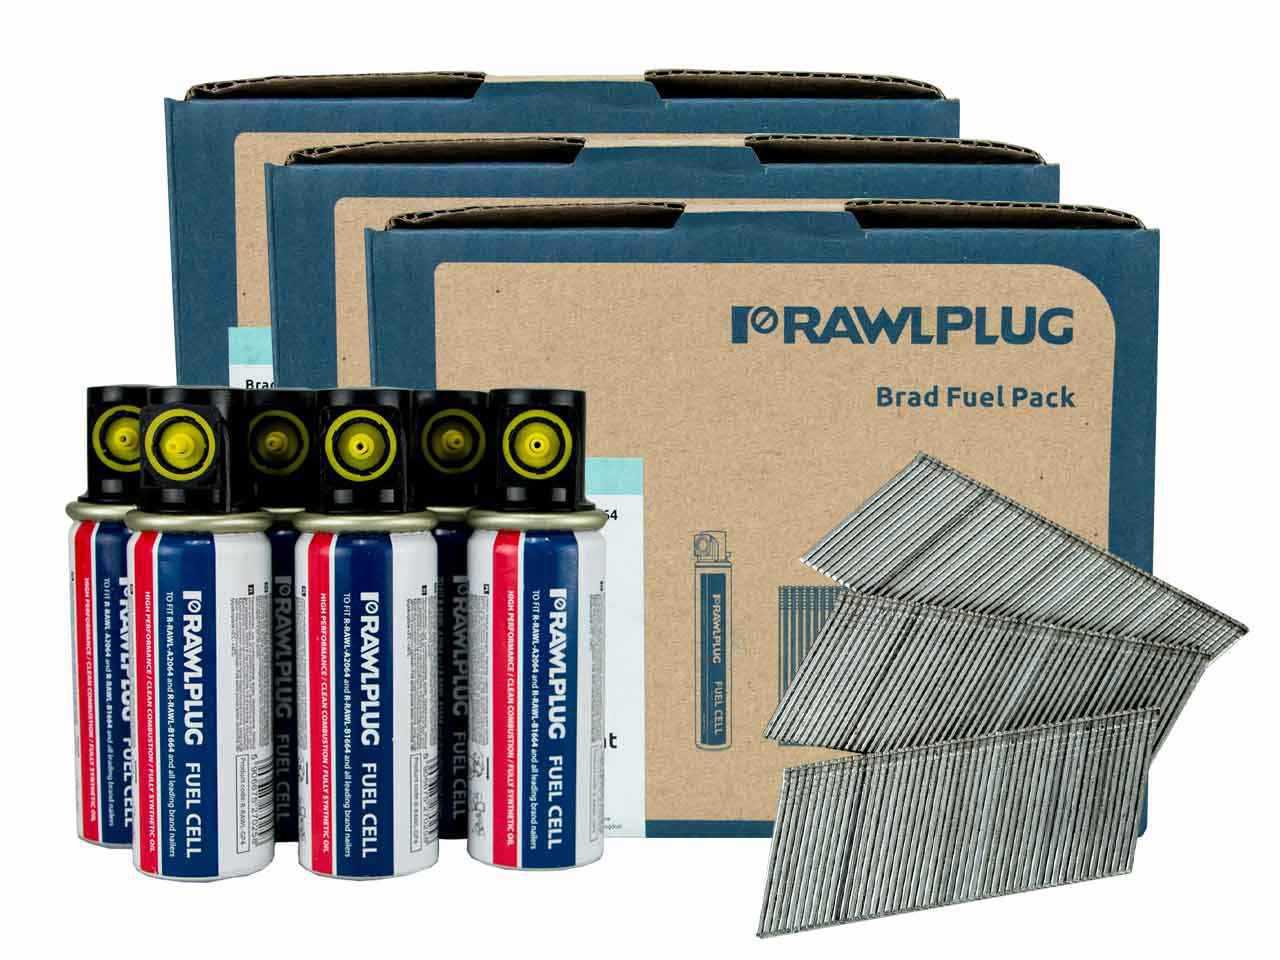 Rawlplug_BRADS20383.jpg